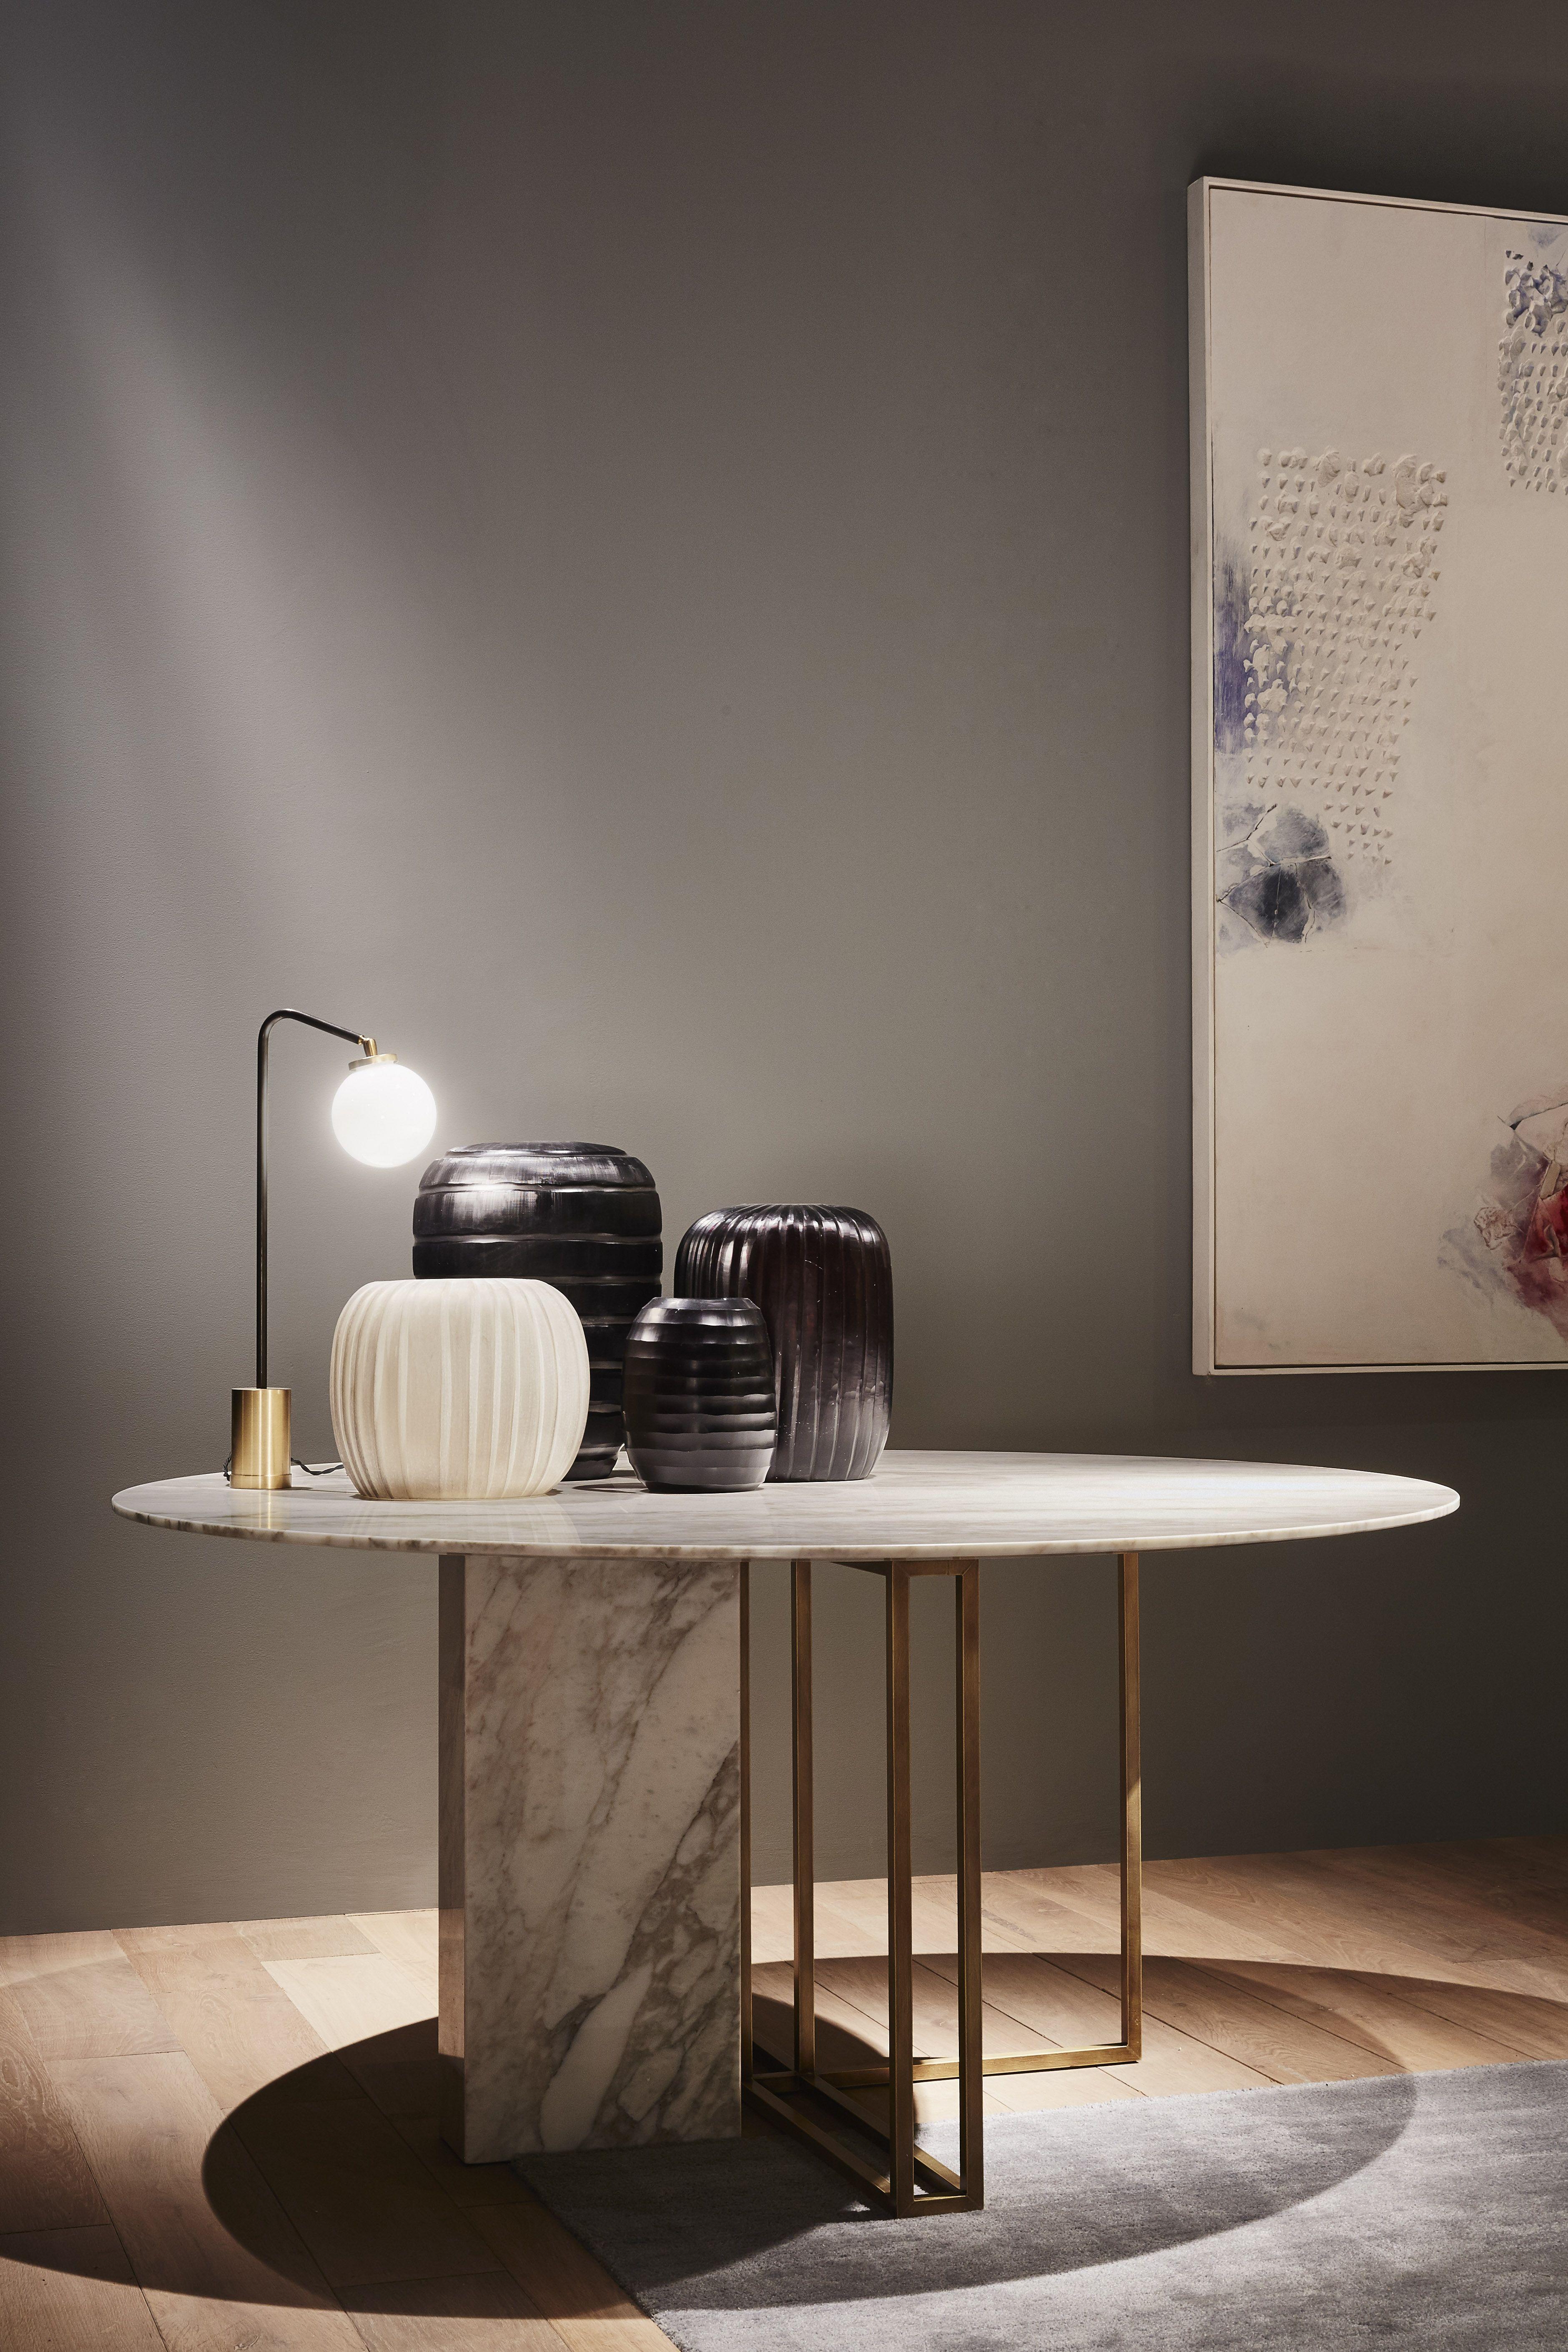 Furniture Dining Table Designs Plinto Table Design Andrea Parisio For Meridiani Salone Del